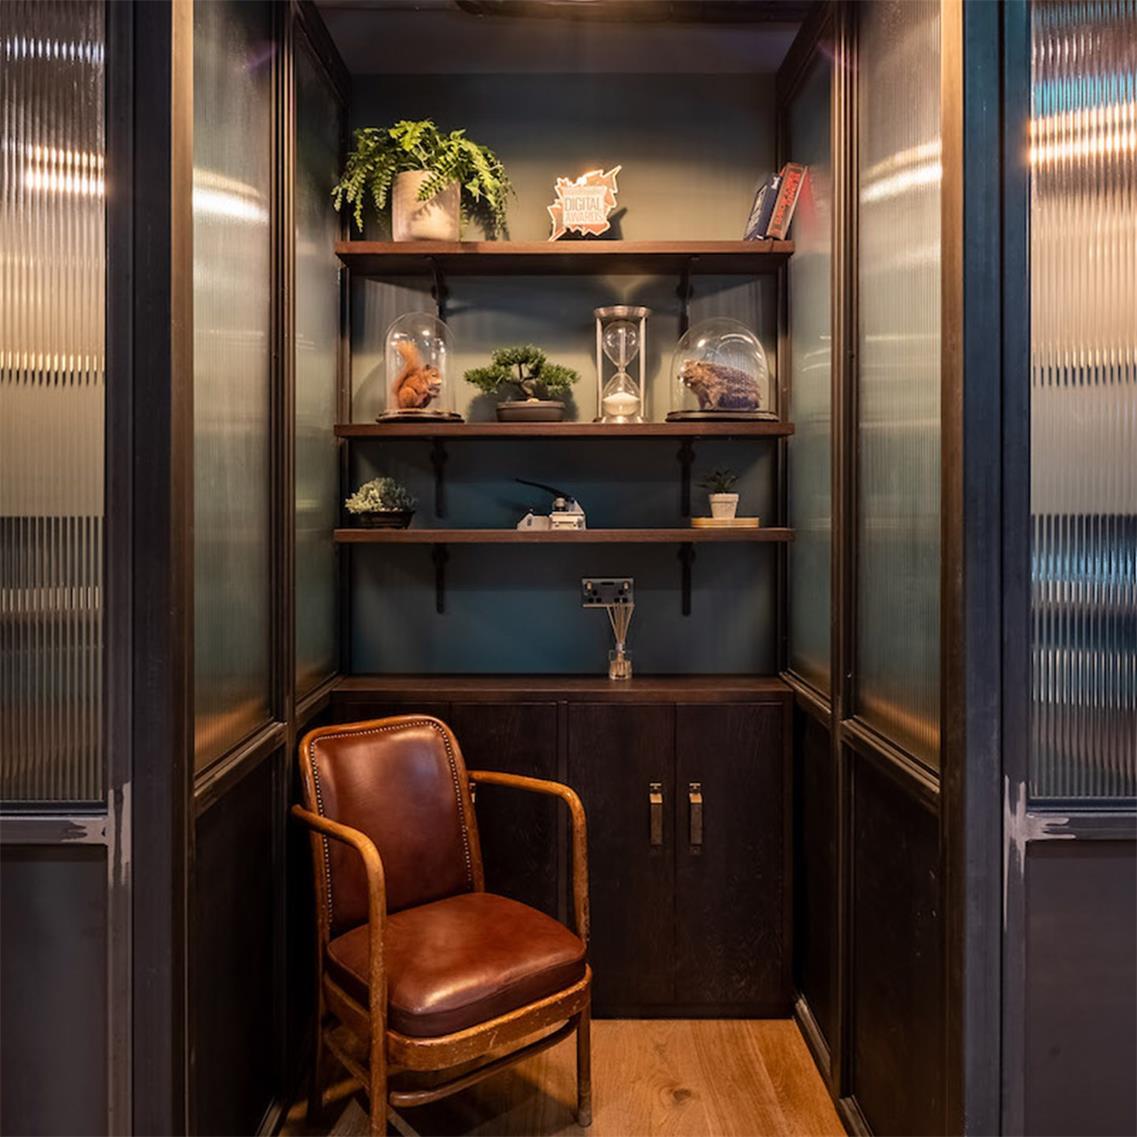 办公室设计,办公空间设计,高档办公室设计,复古办公室设计,办公室设计图片,办公室设计方案,办公场所设计